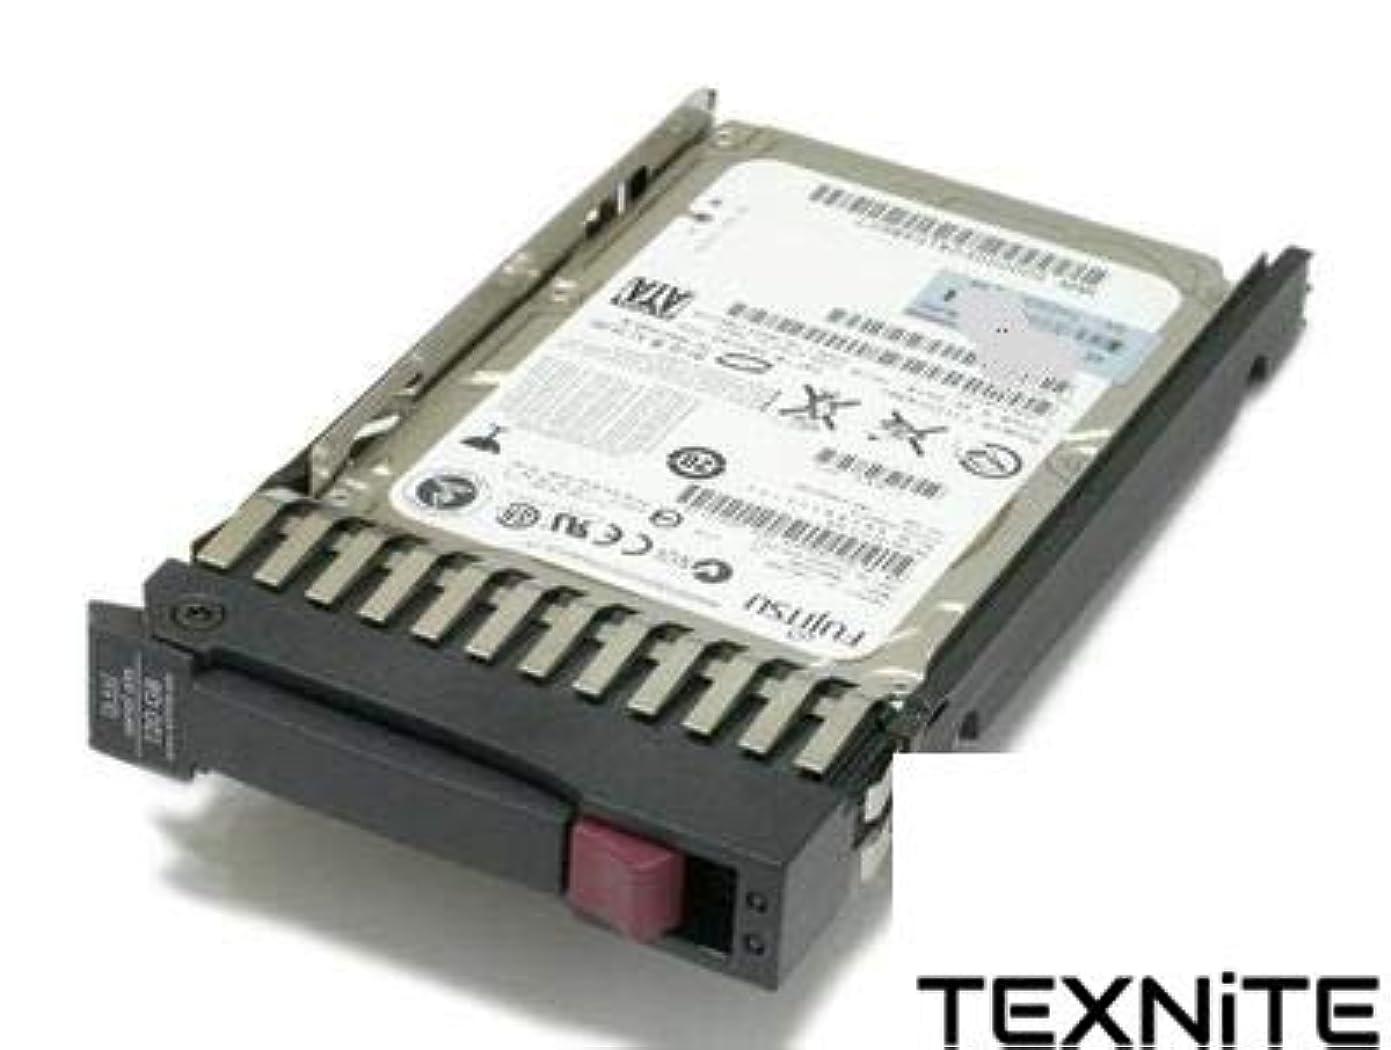 再編成する熱帯のズームインするTexnite 726480-001 V2 HP 1.2TB 2.5インチ SFF SAS 6Gb/s 10K RPM エンタープライズ (ENT) デュアルポート (DP) ホットプラグハードドライブ Hp 726480-001用